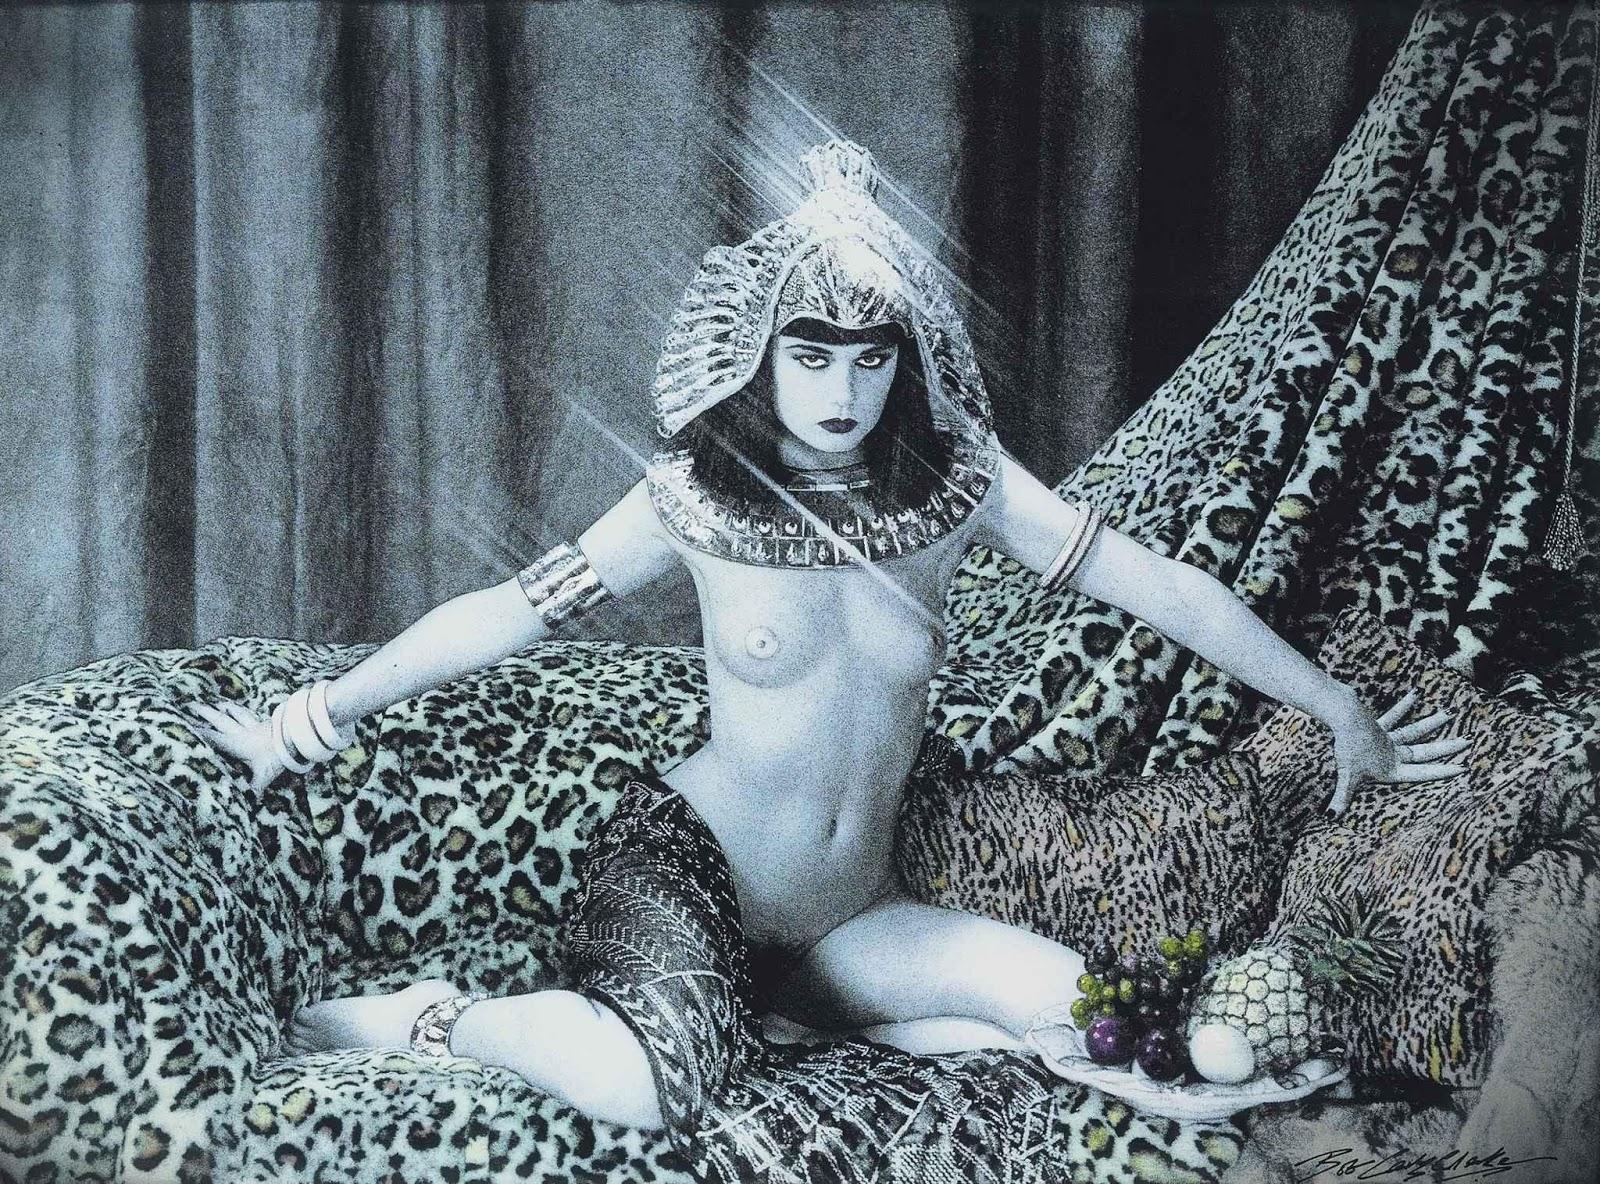 Theda Bara as Cleopatra (1986)